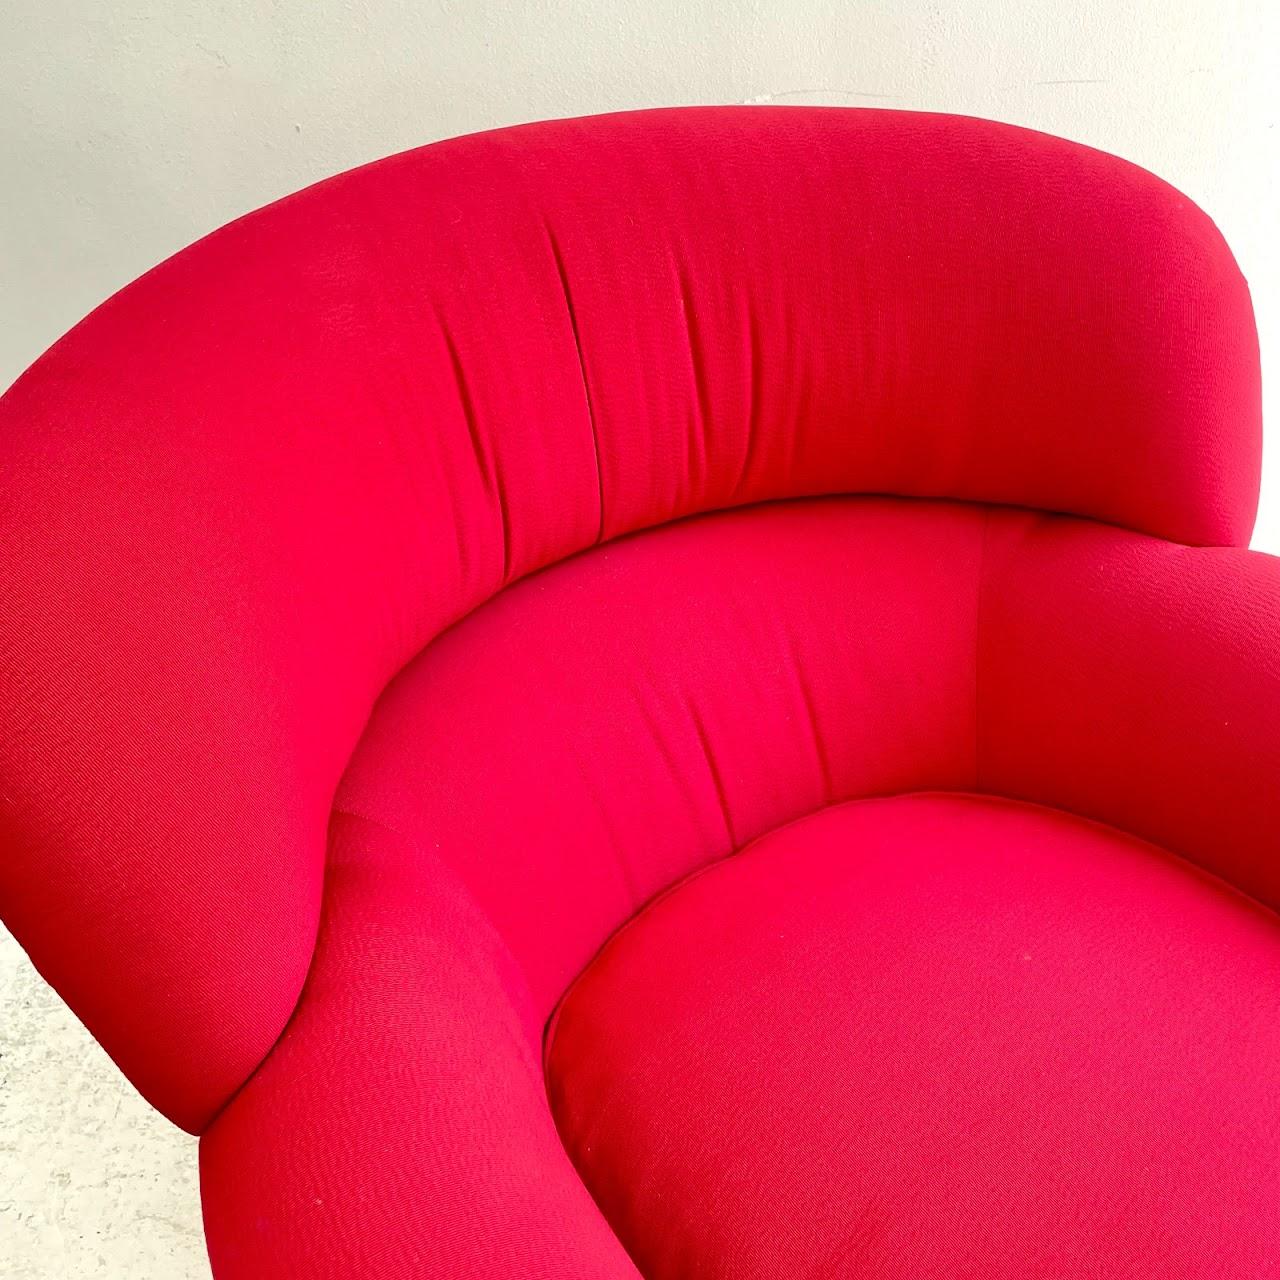 Brunschwig & Fils Chair #1